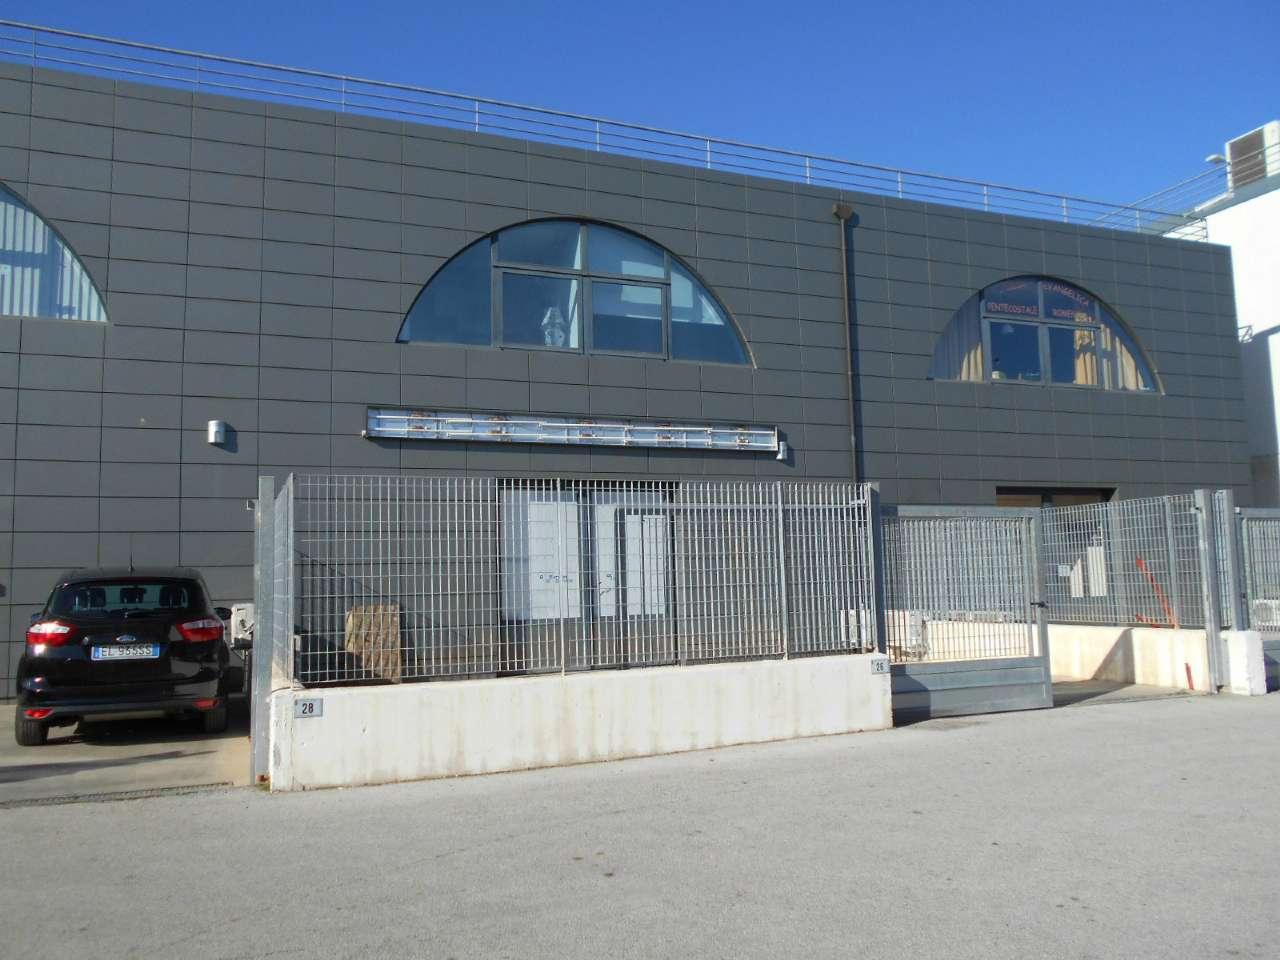 Laboratorio in vendita a Latina, 4 locali, prezzo € 175.000   Cambio Casa.it